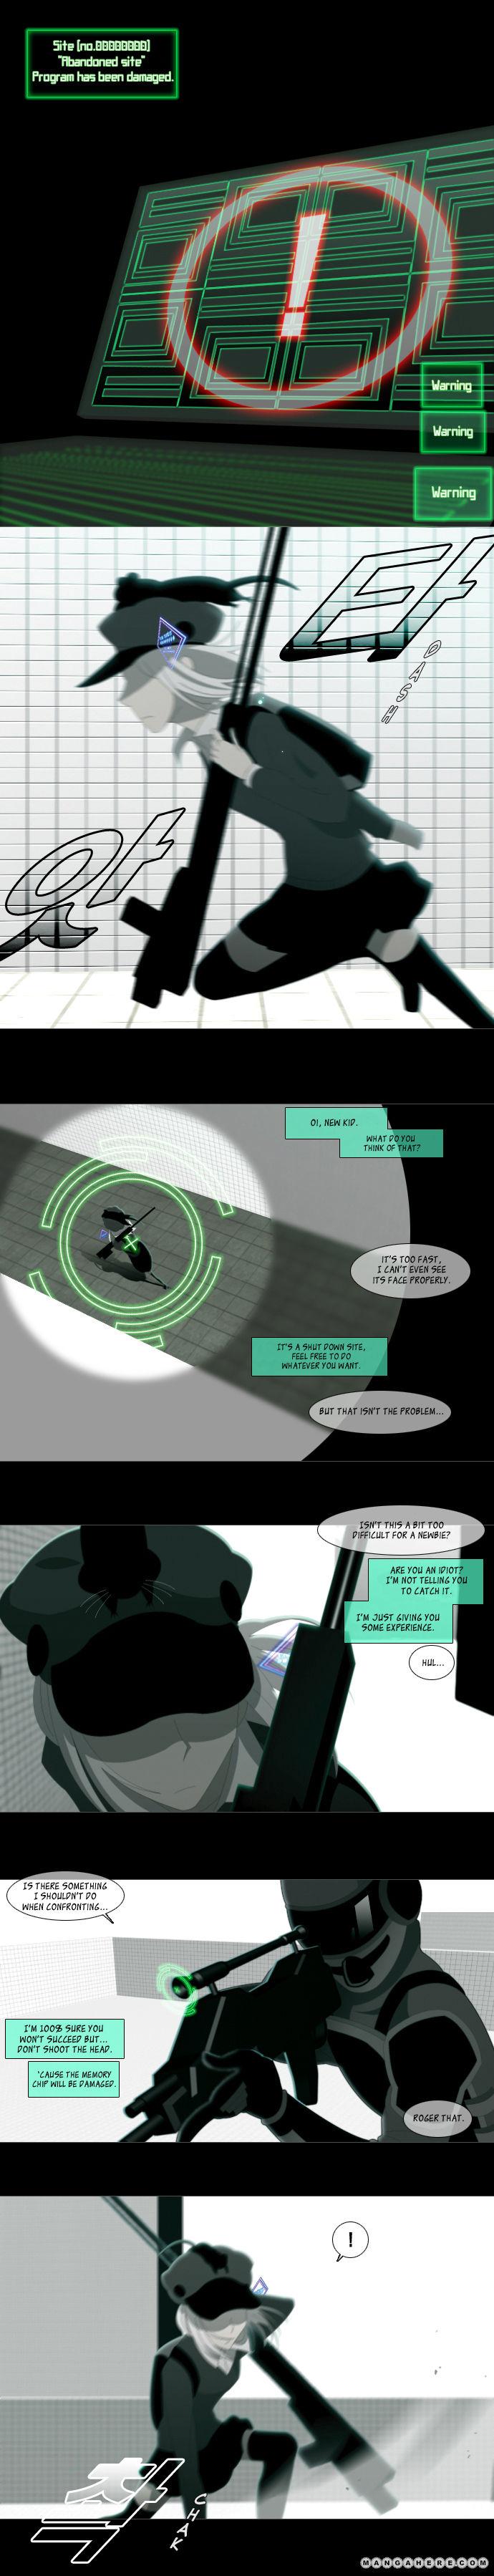 Automata 2 Page 1